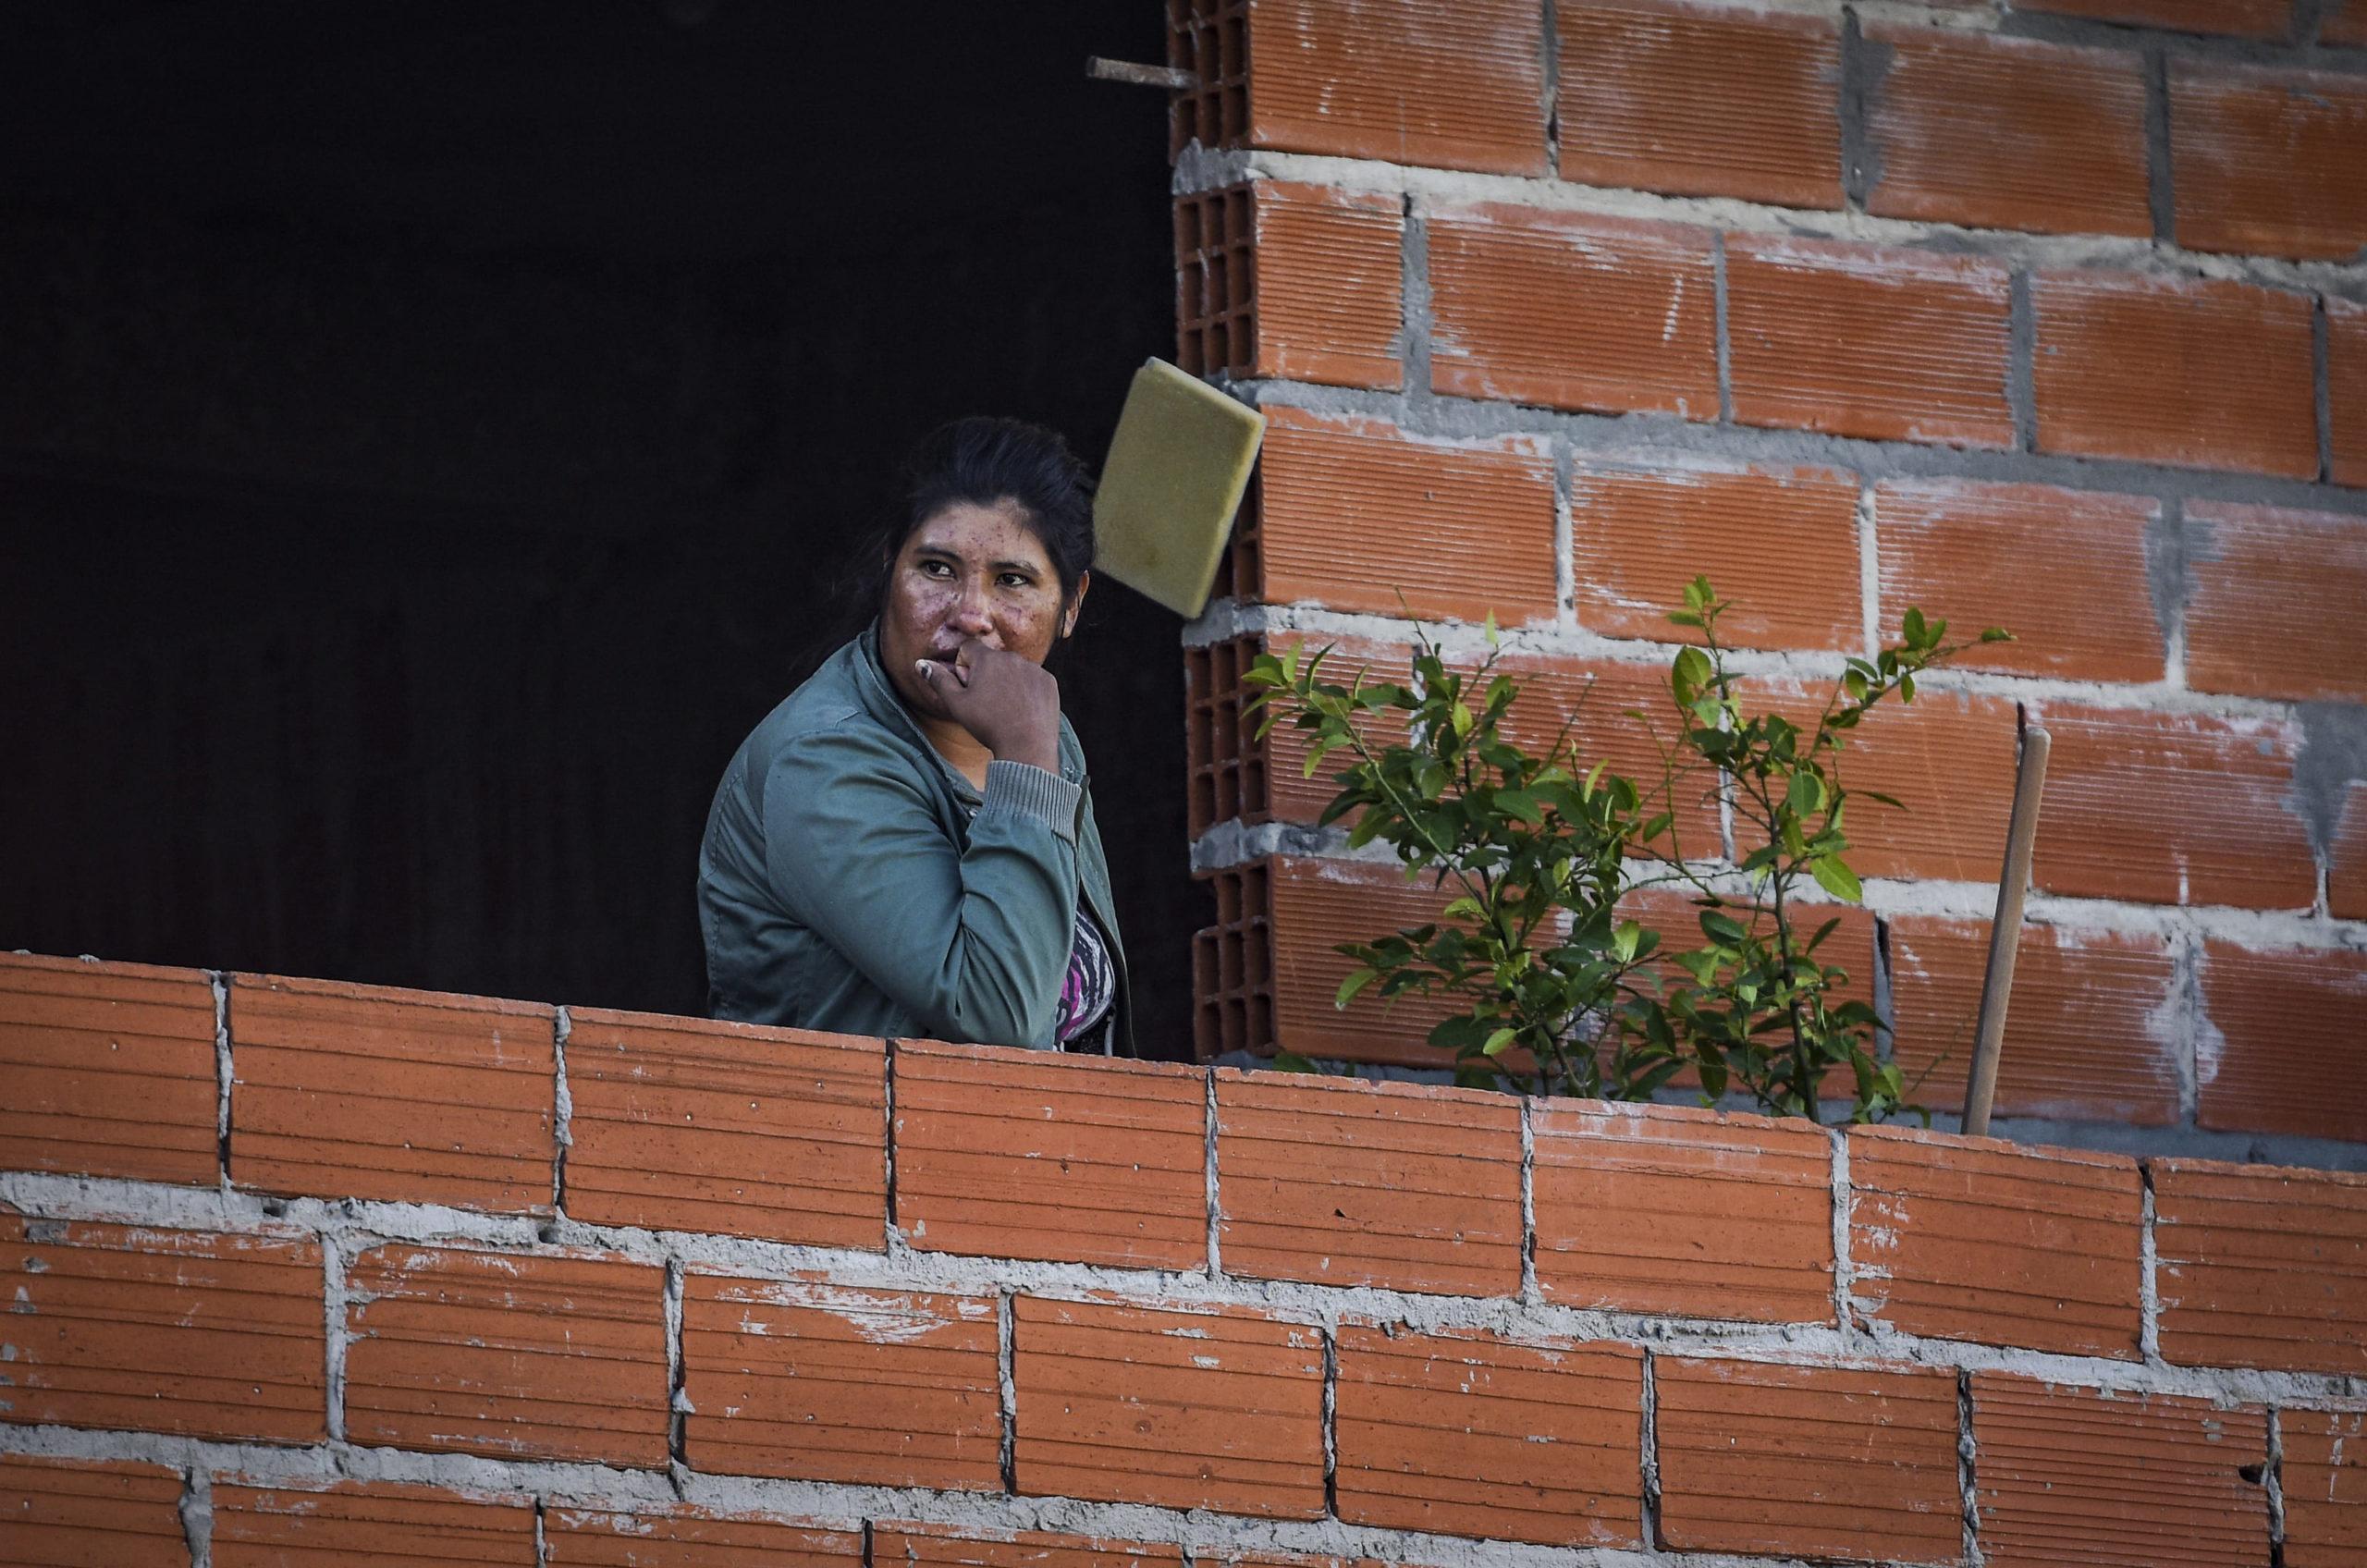 La fragilidad del Barrio 31 de Buenos Aires en la pandemia: «el Estado llega tarde»